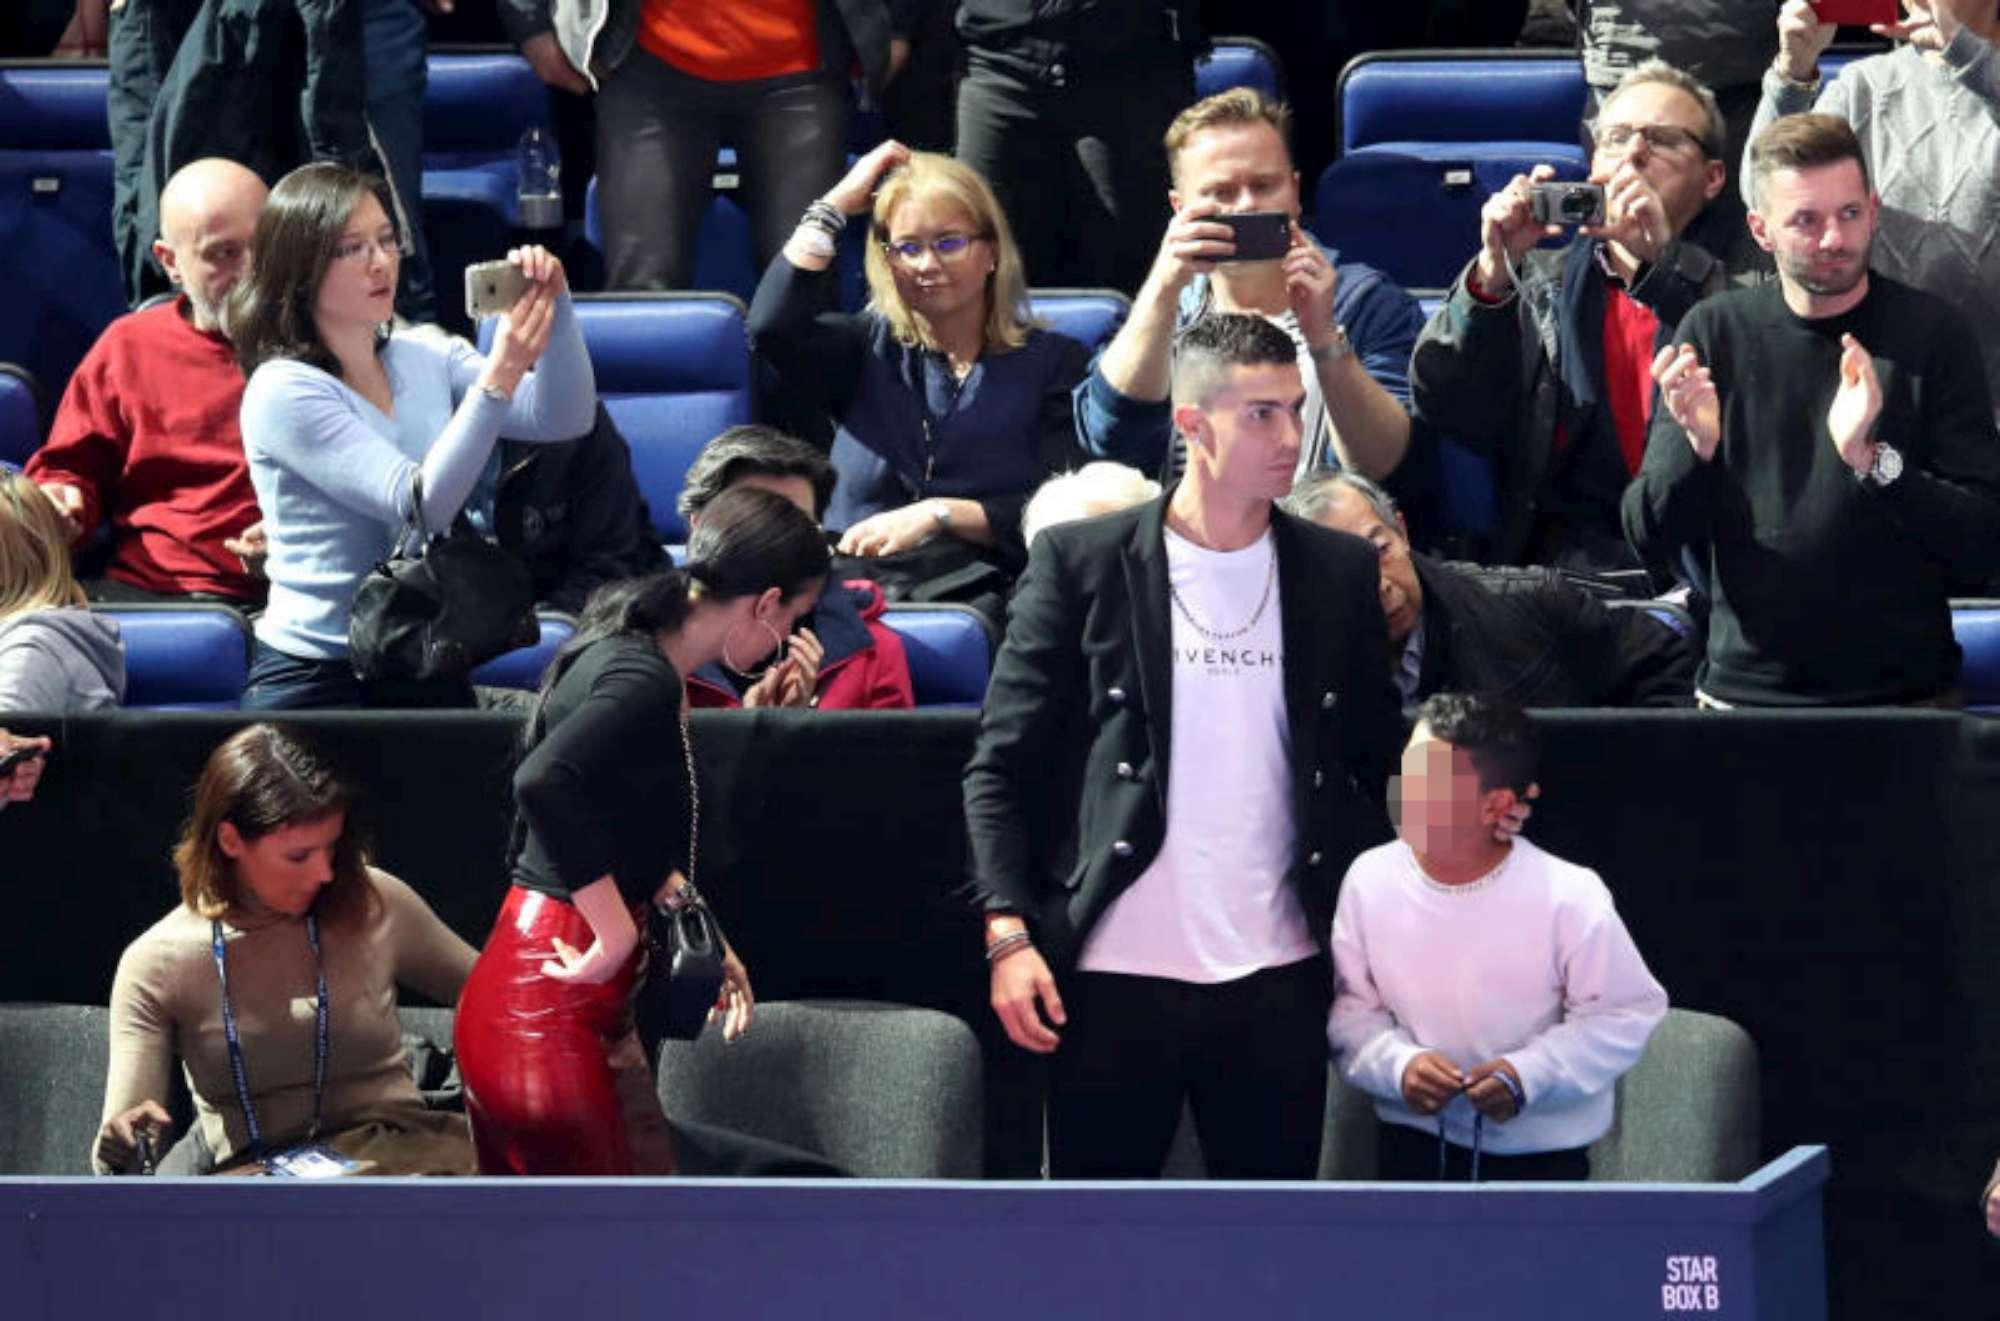 Cristiano Ronaldo con la famiglia a Londra, che pallinata!